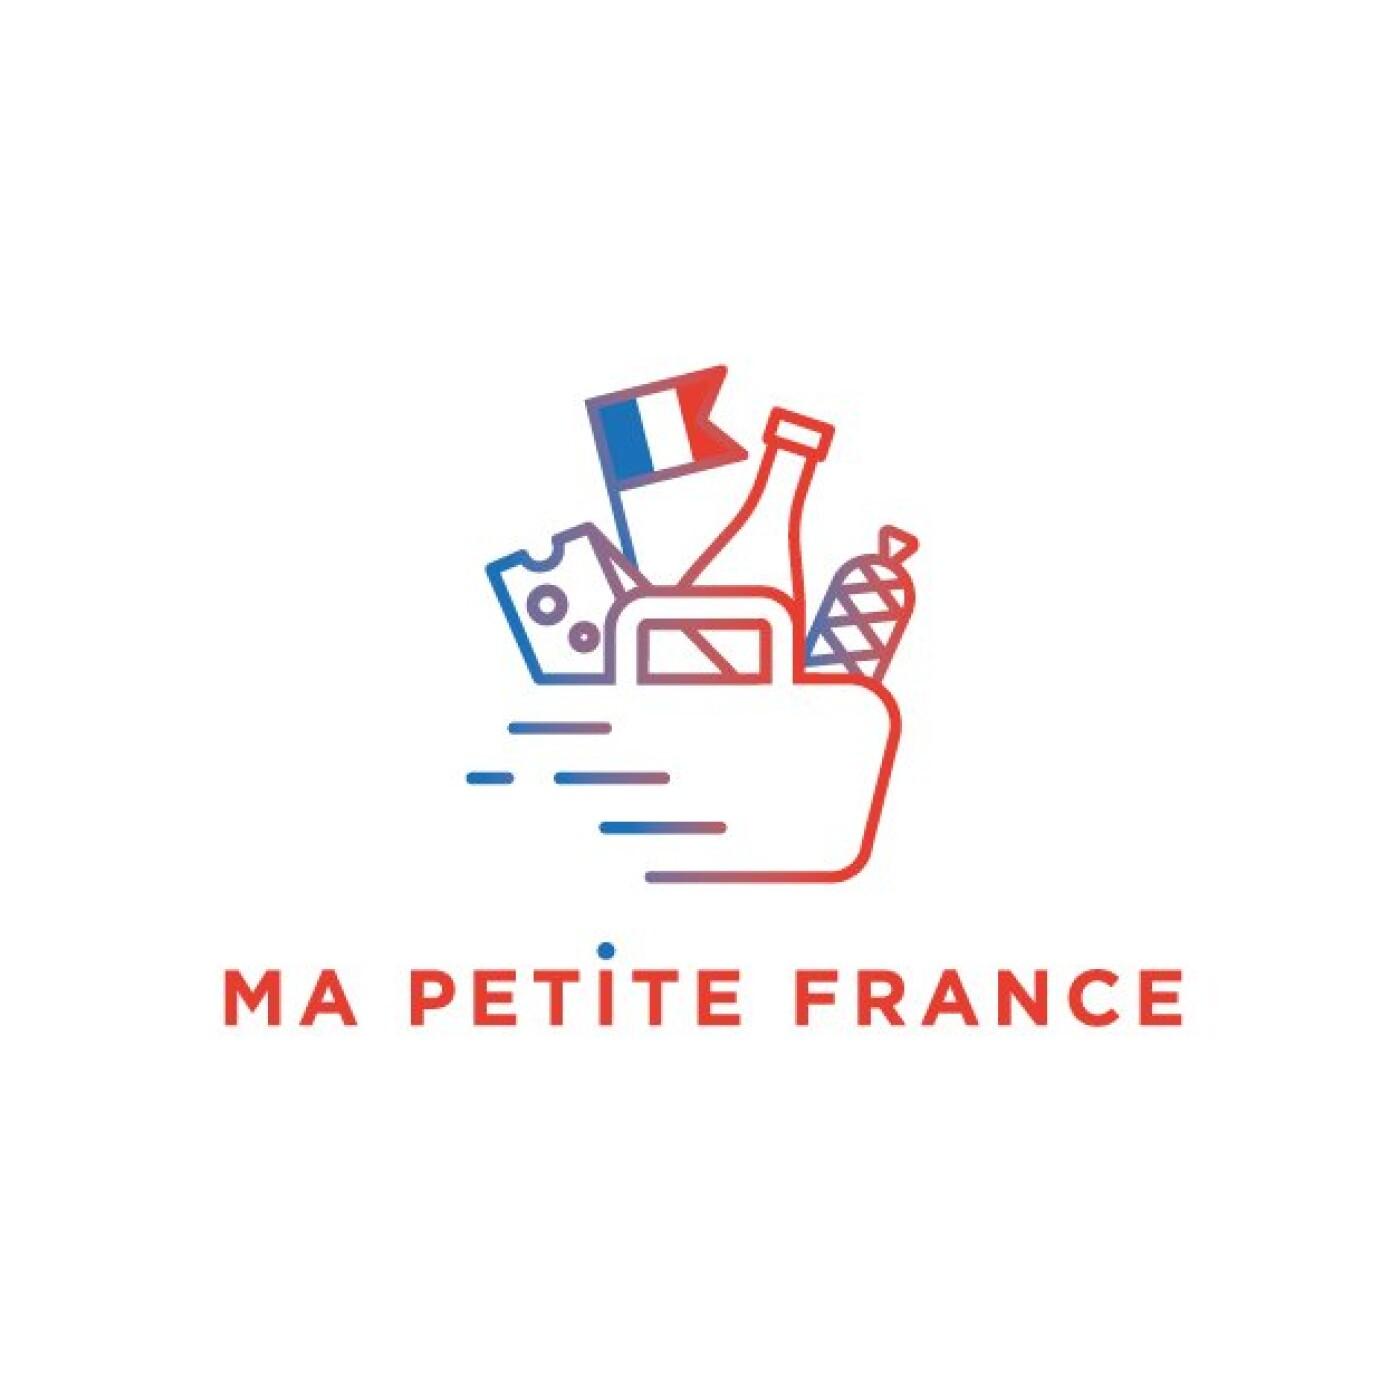 Benjamin, co-fondateur MaPetiteFrance, présente son service aux expats - 29 04 2021 - StereoChic Radio